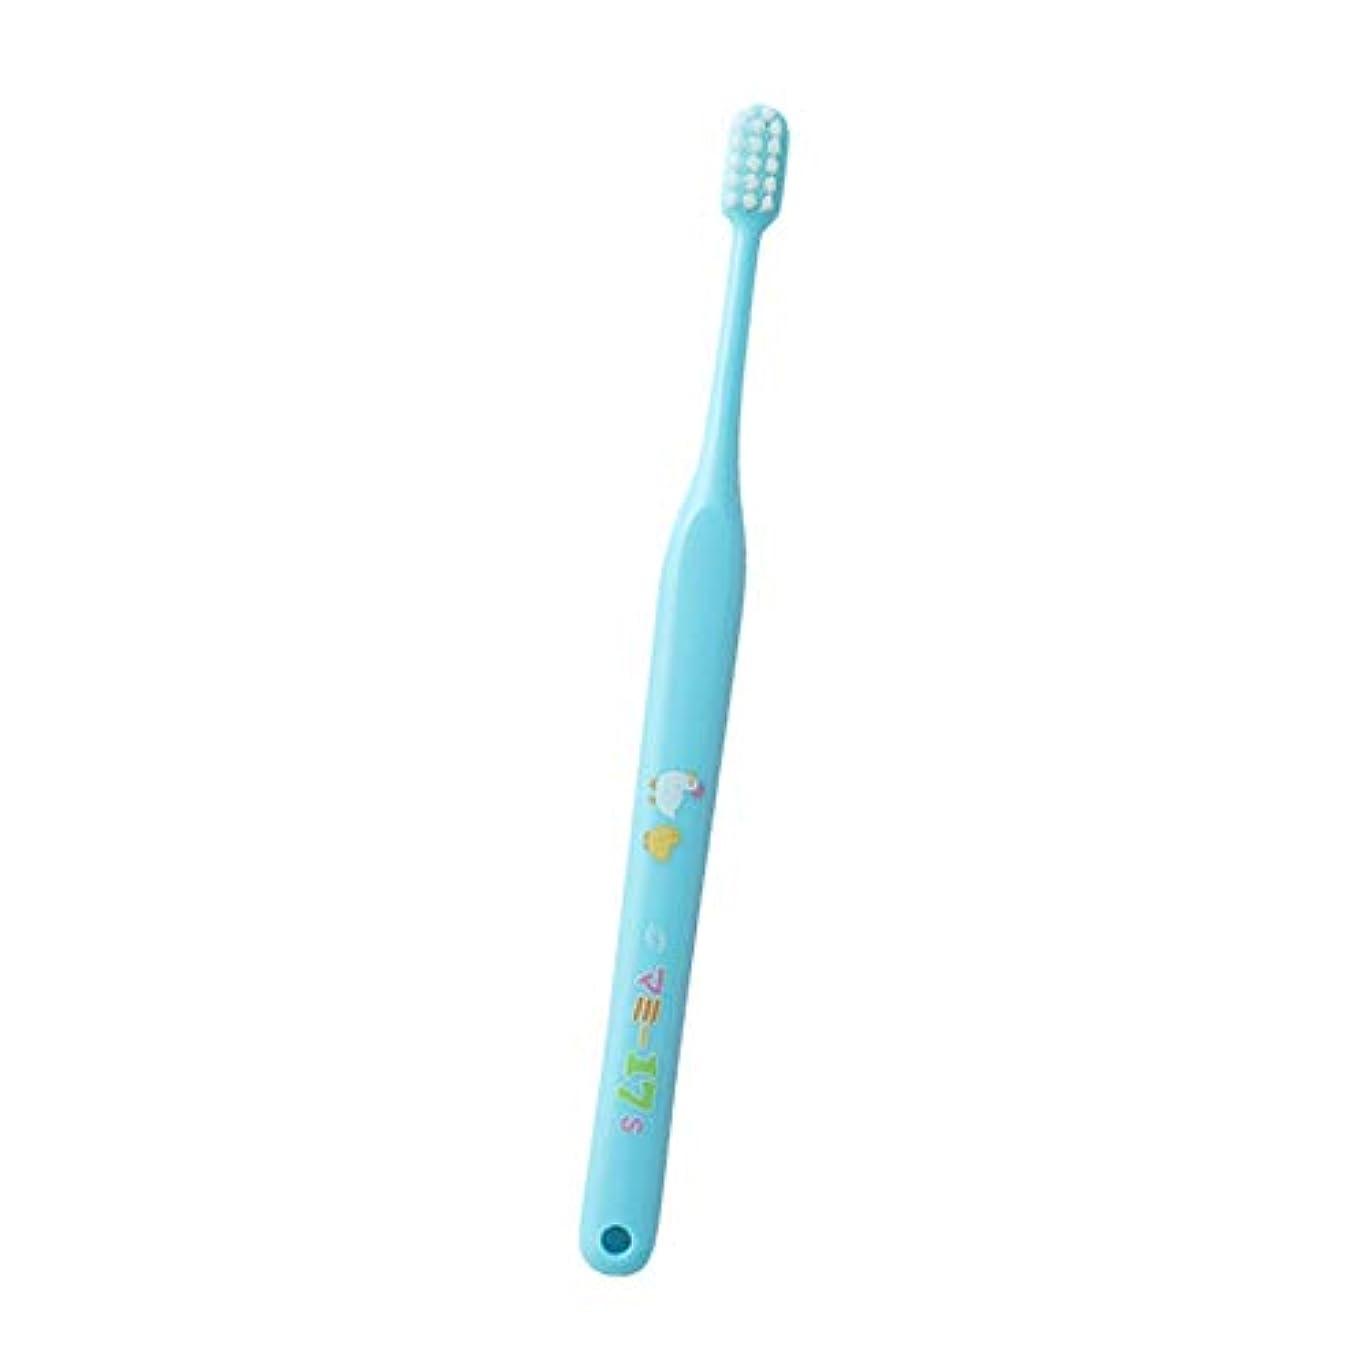 ホストシャーロットブロンテ知恵オーラルケア マミー17歯ブラシ 1本 (ソフト(S)ブルー)